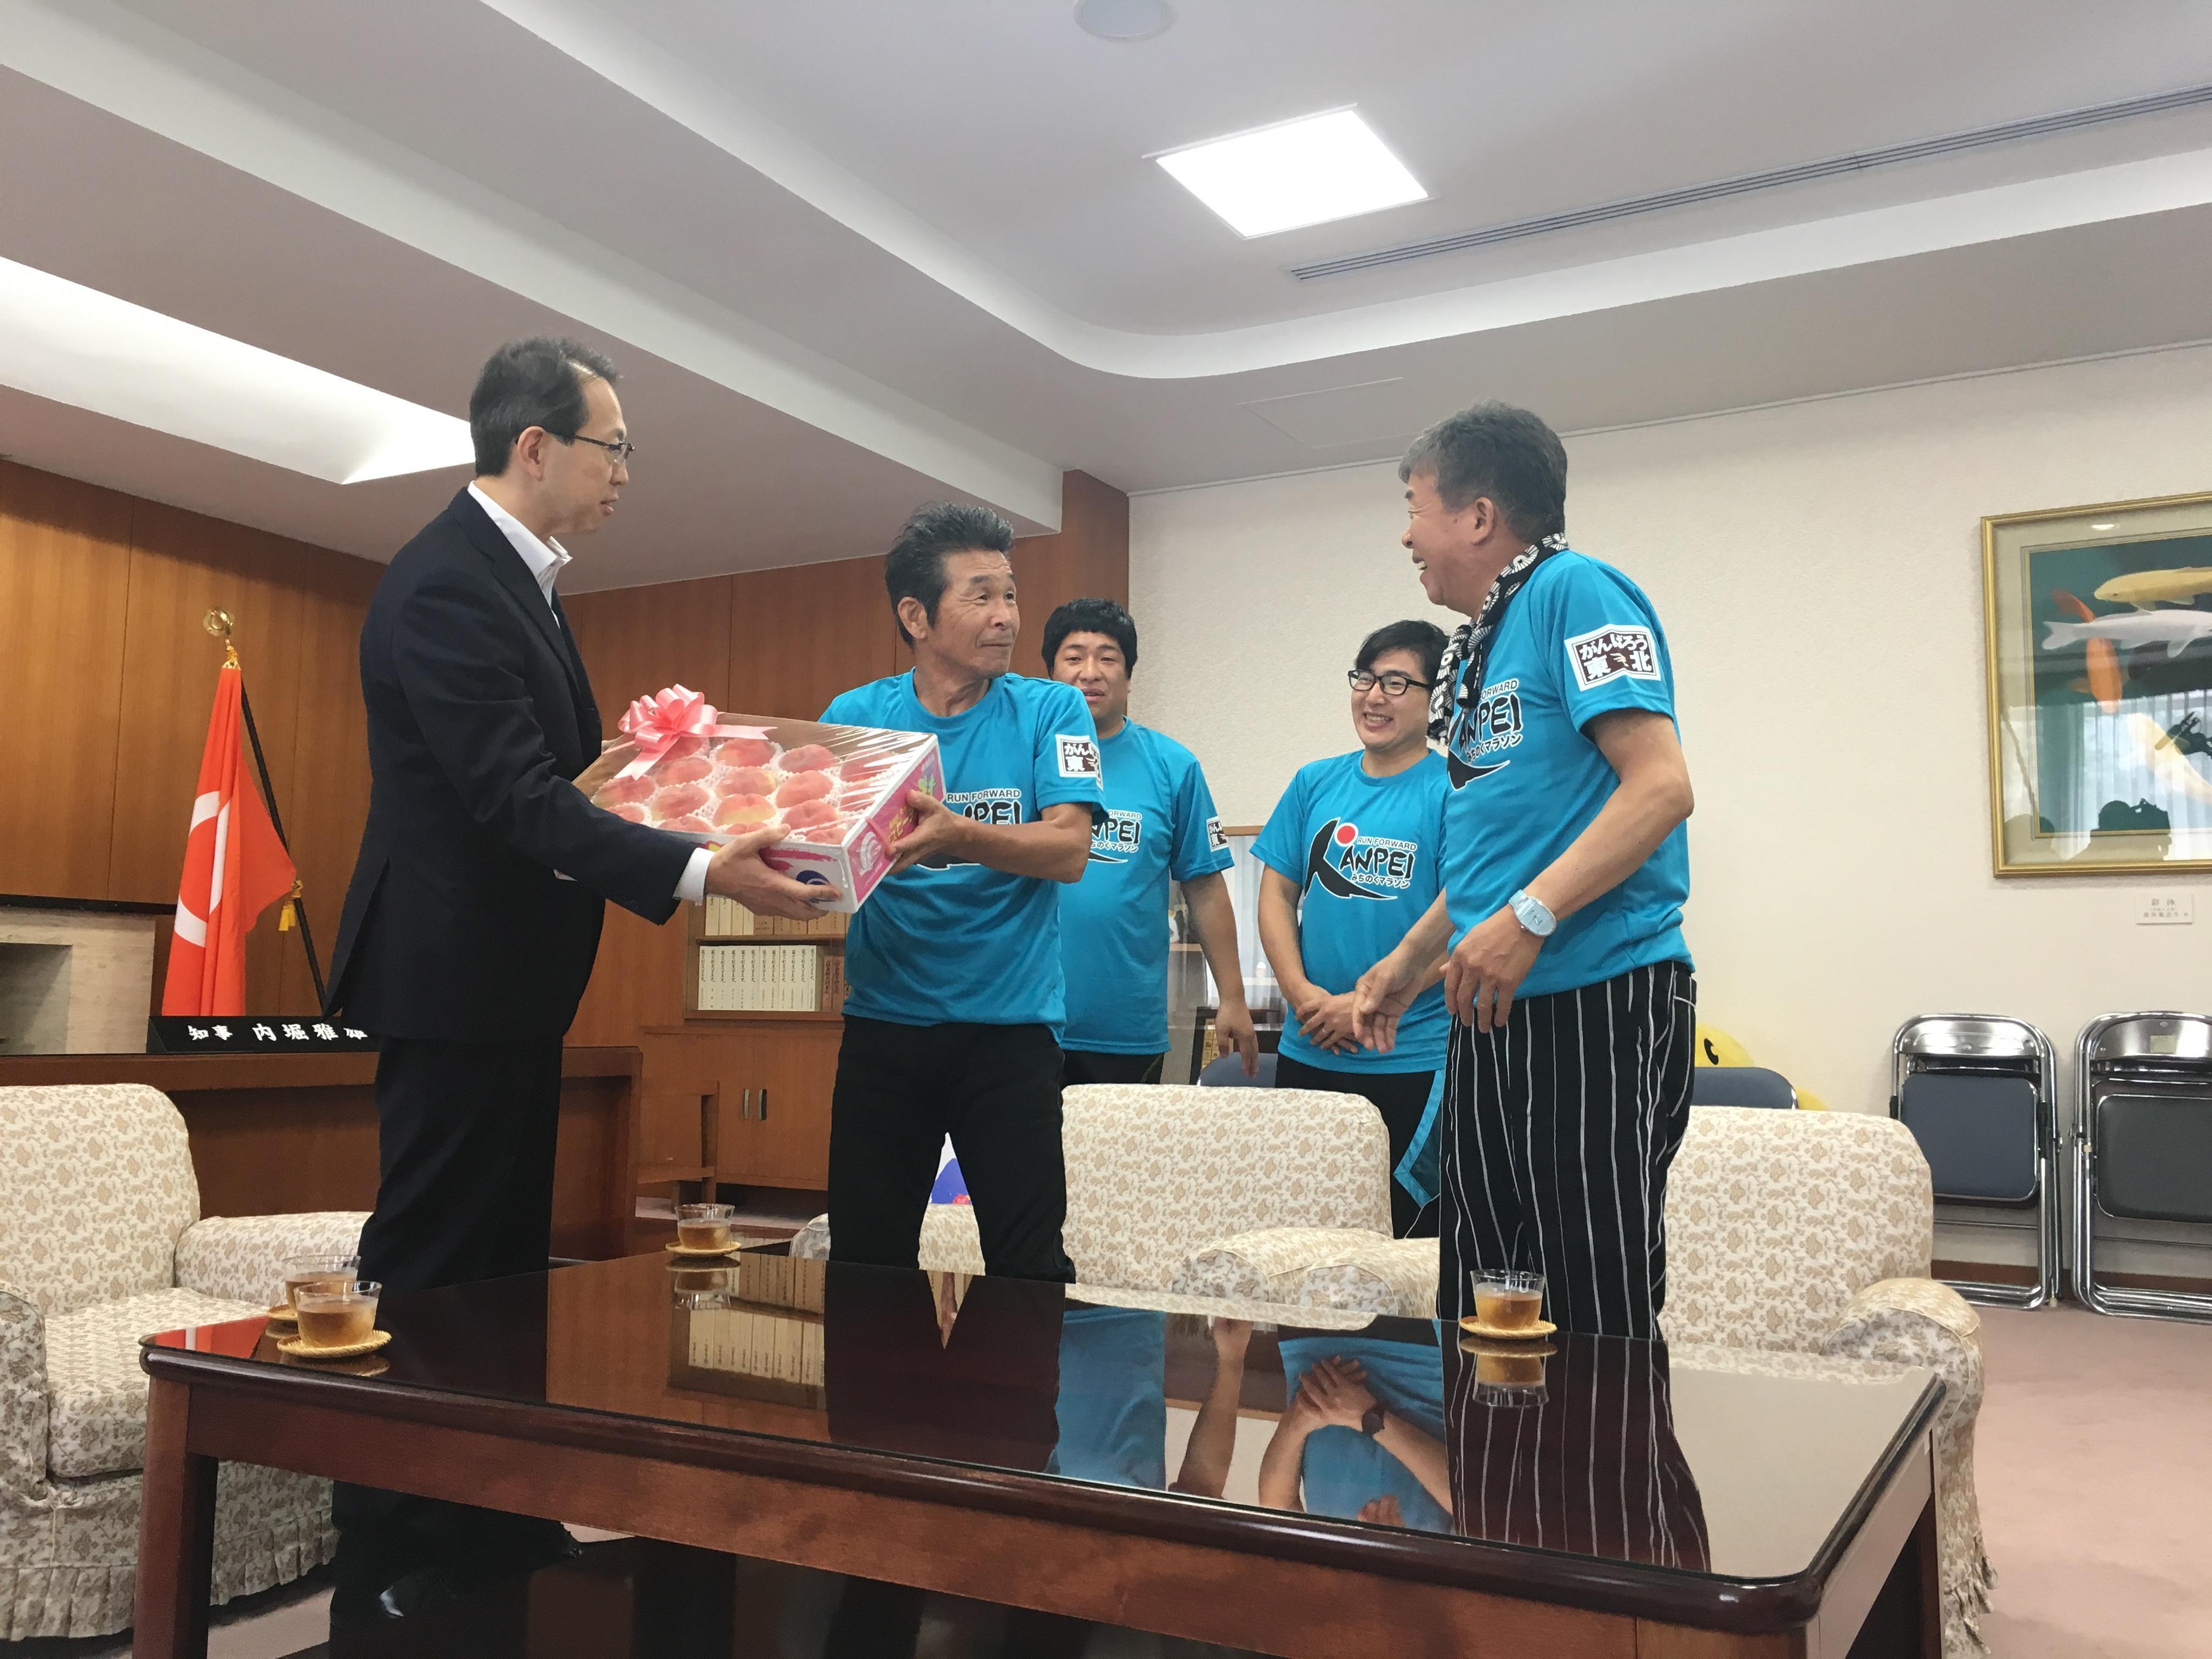 http://news.yoshimoto.co.jp/20170803203952-90eac4ee9e06da41bd7d1ded37611bbc13e7469e.jpg